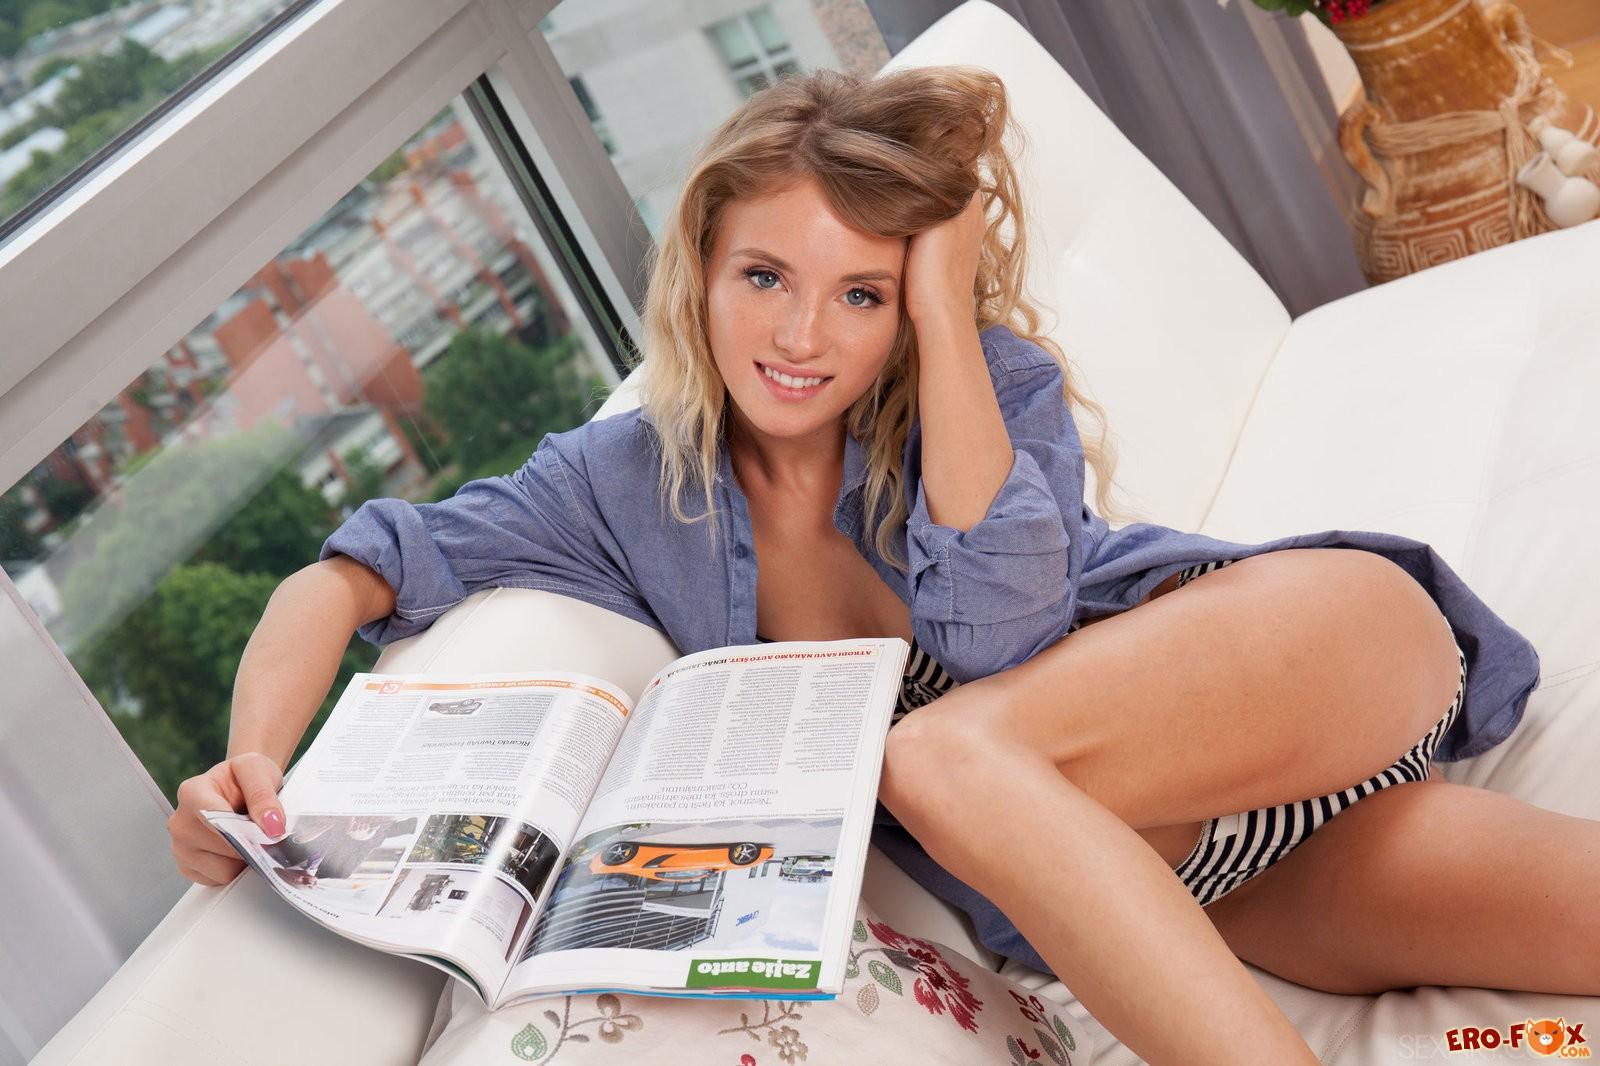 Красивая секси блондинка из Латвии снимает бельё .